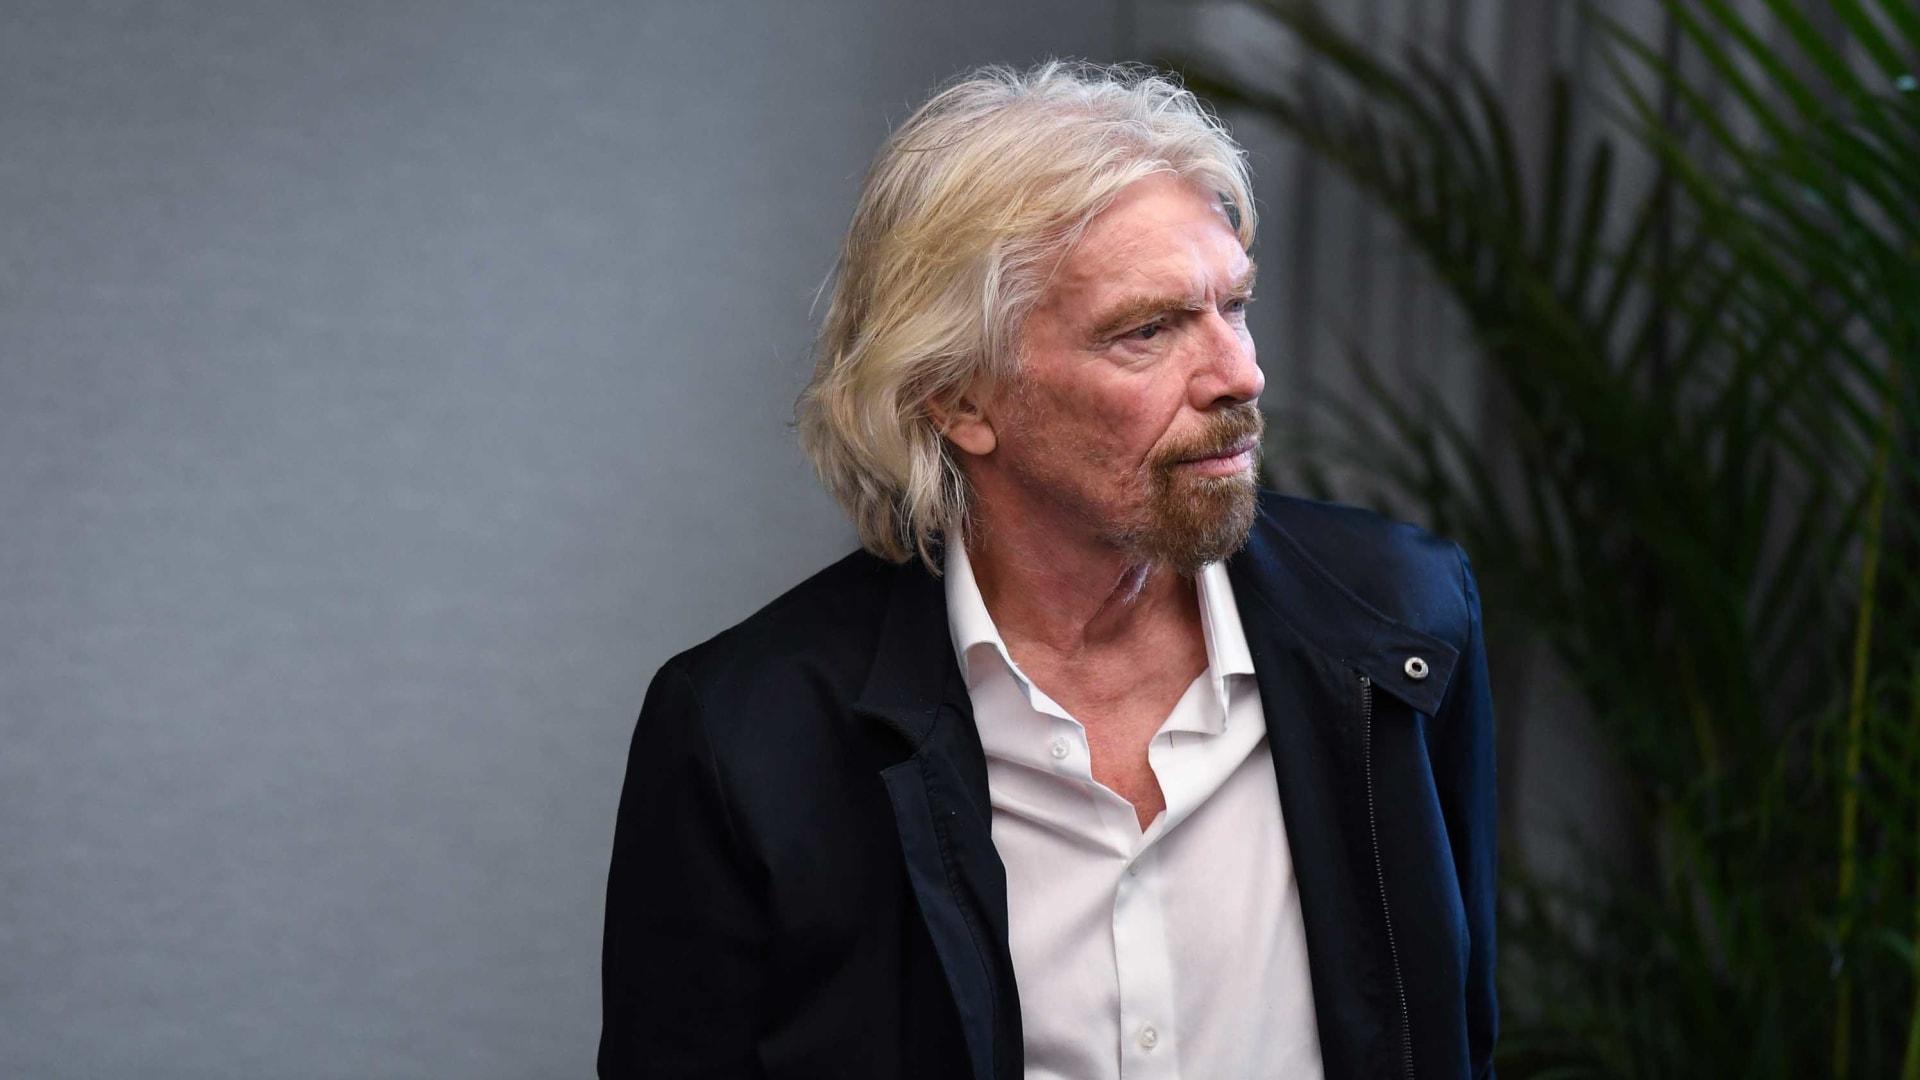 ريتشارد برانسون يطلق حملة لإنهاء عقوبة الإعدام حول العالم